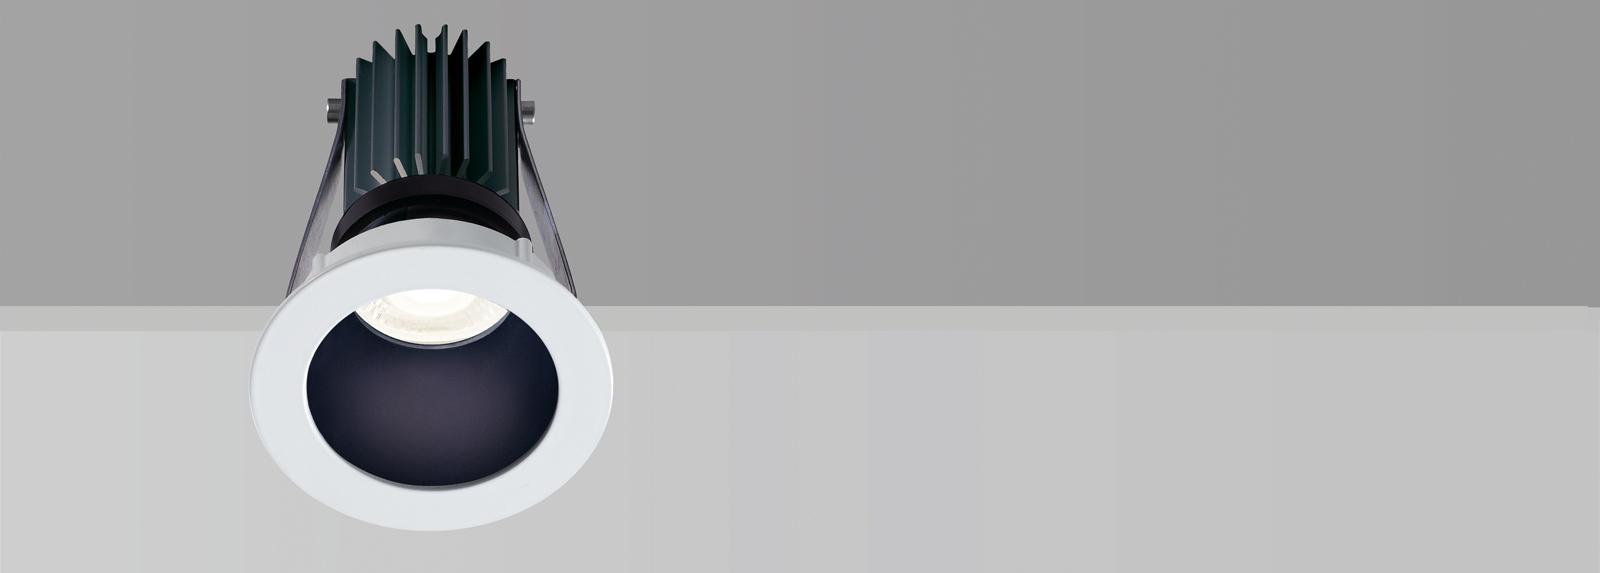 Rovasi Lighting Fixtures Manufacturer Complete Range Of